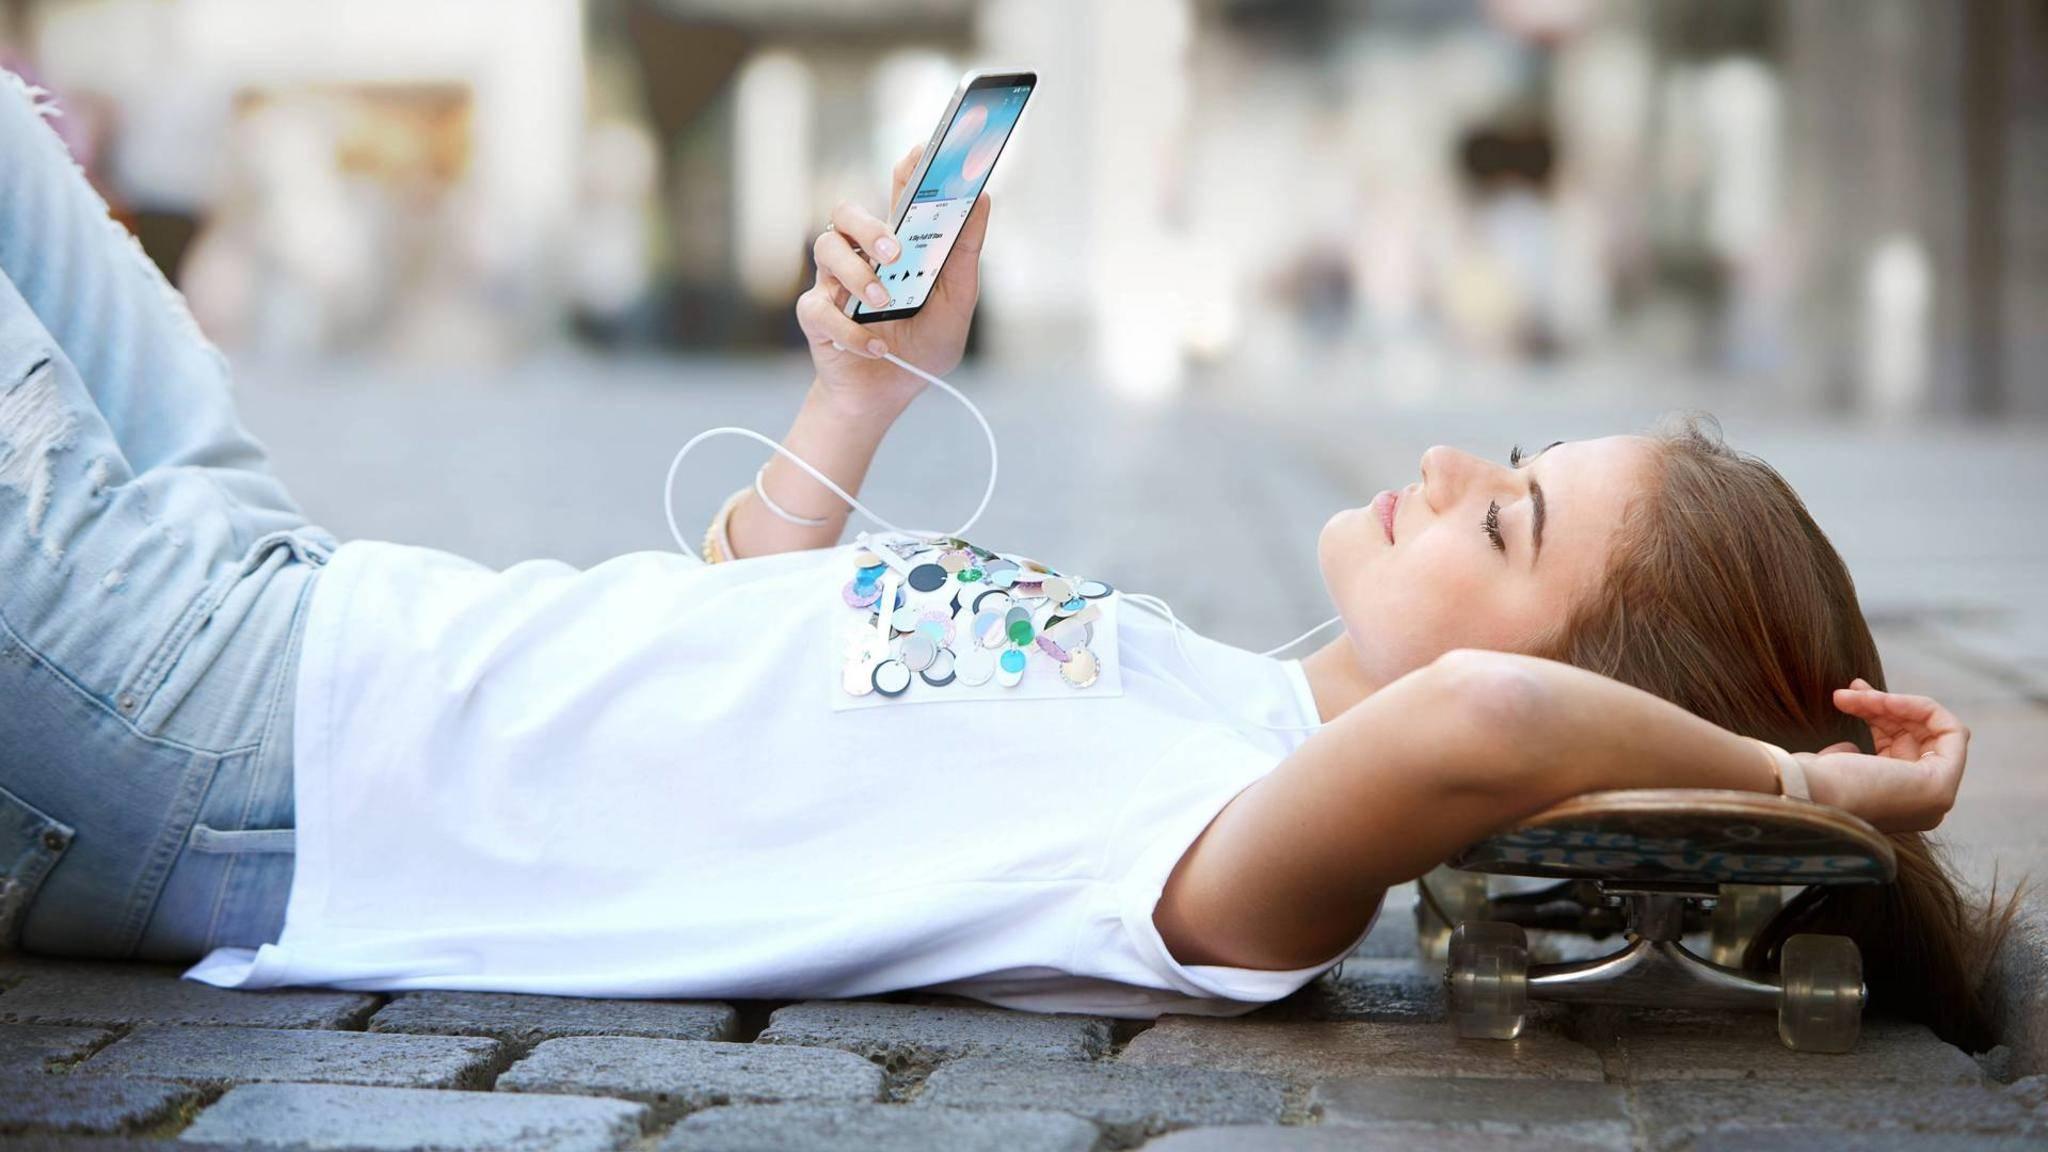 Immer mehr Smartphones besitzen ein randloses Display.